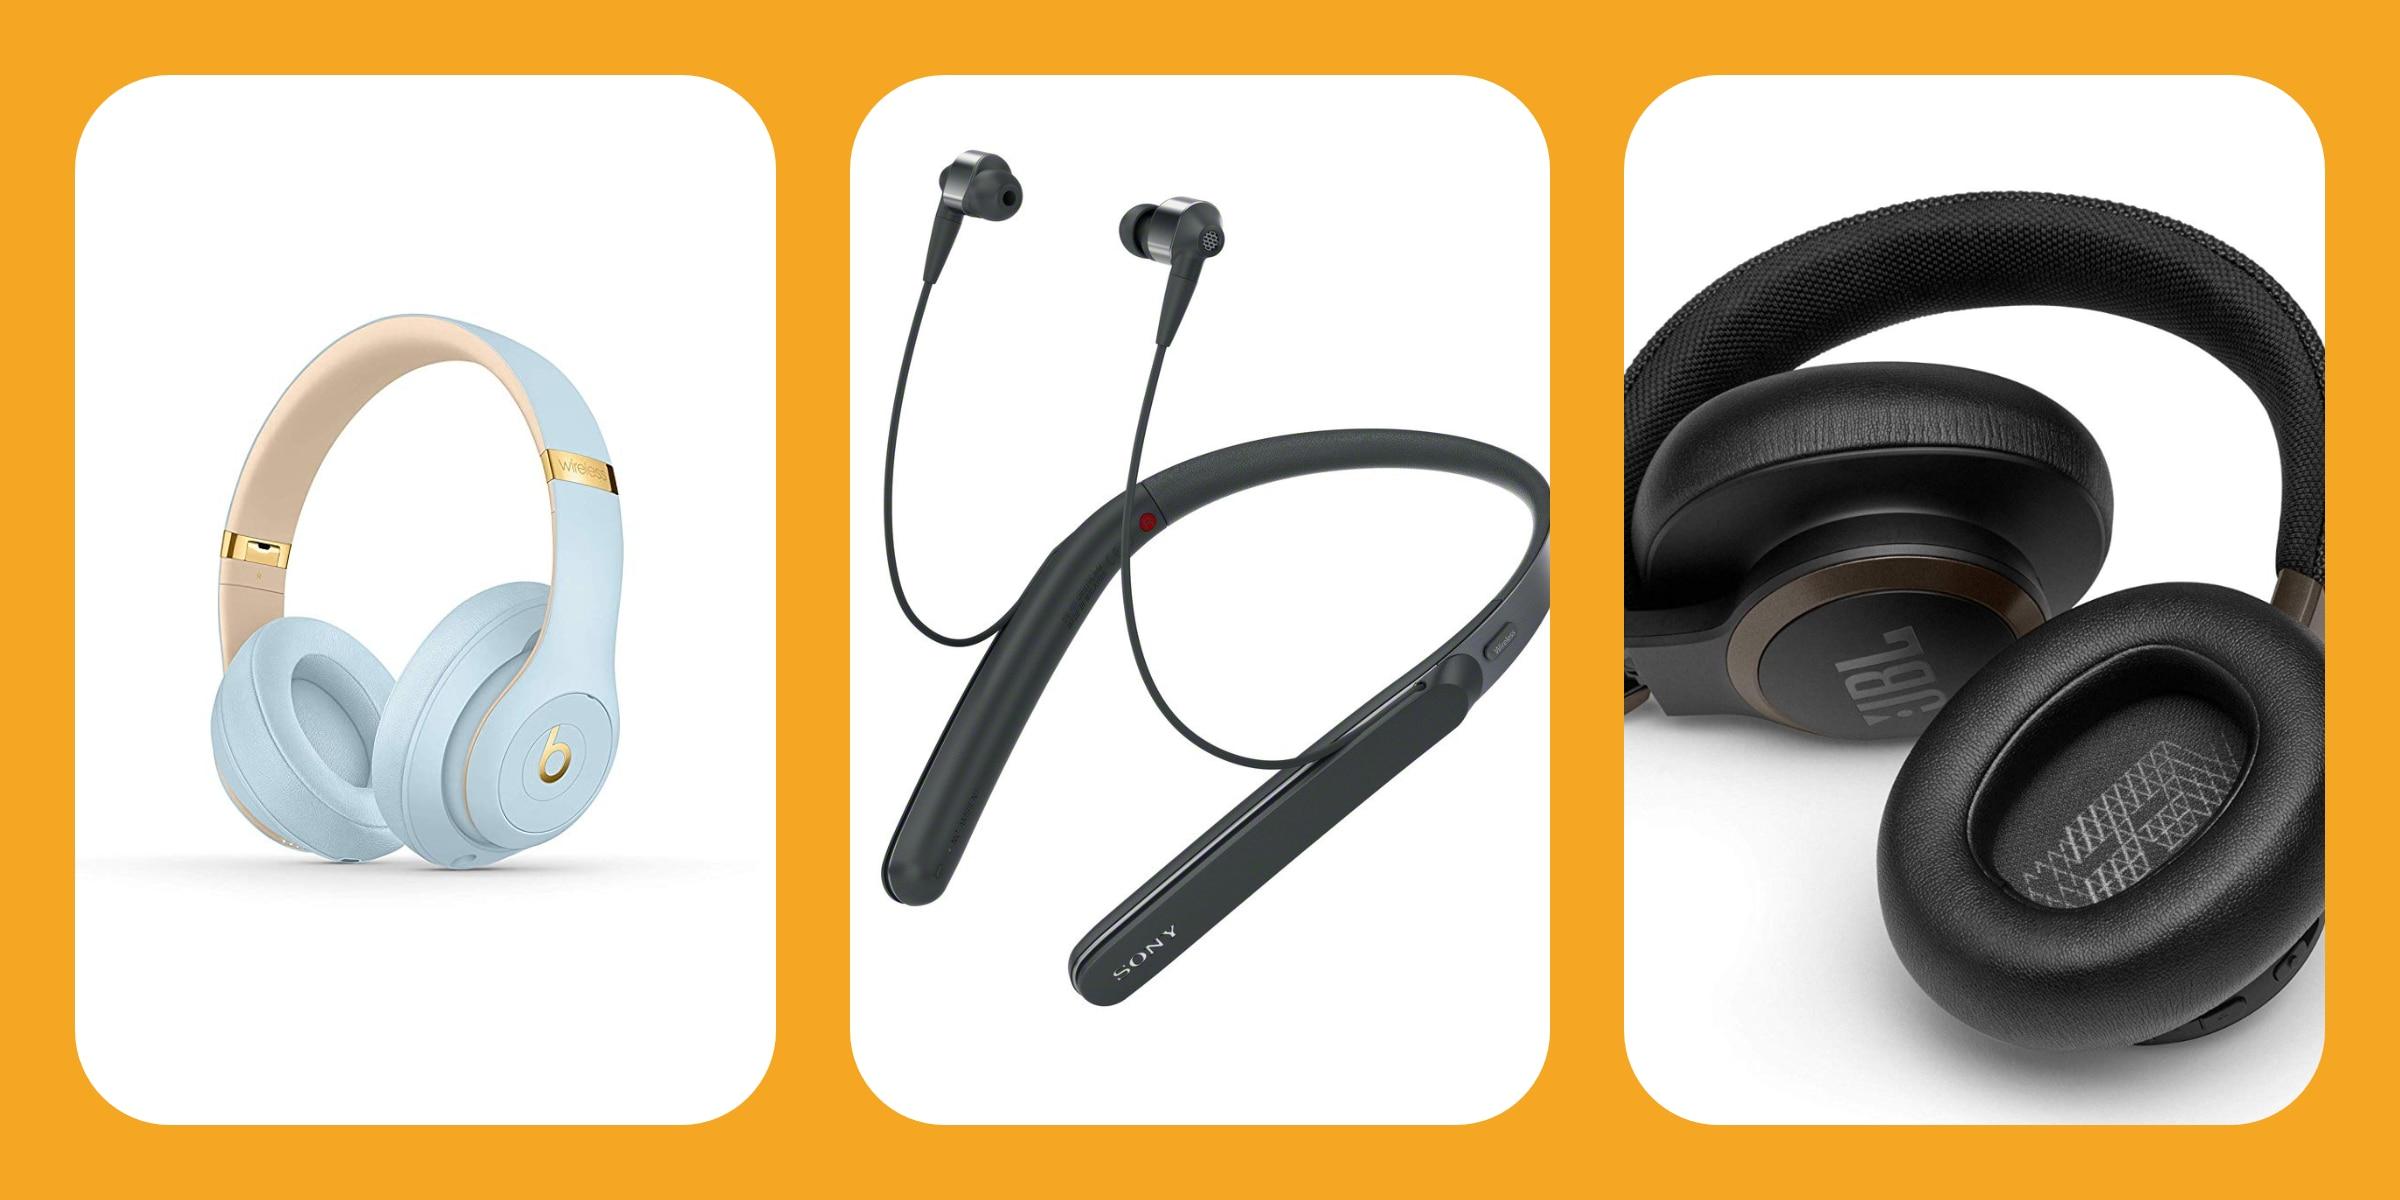 Marshall Minor II: sconto Amazon per rockeggiare con le cuffiette Bluetooth 5.0 - image cuffie-offerta-amazon on https://www.zxbyte.com